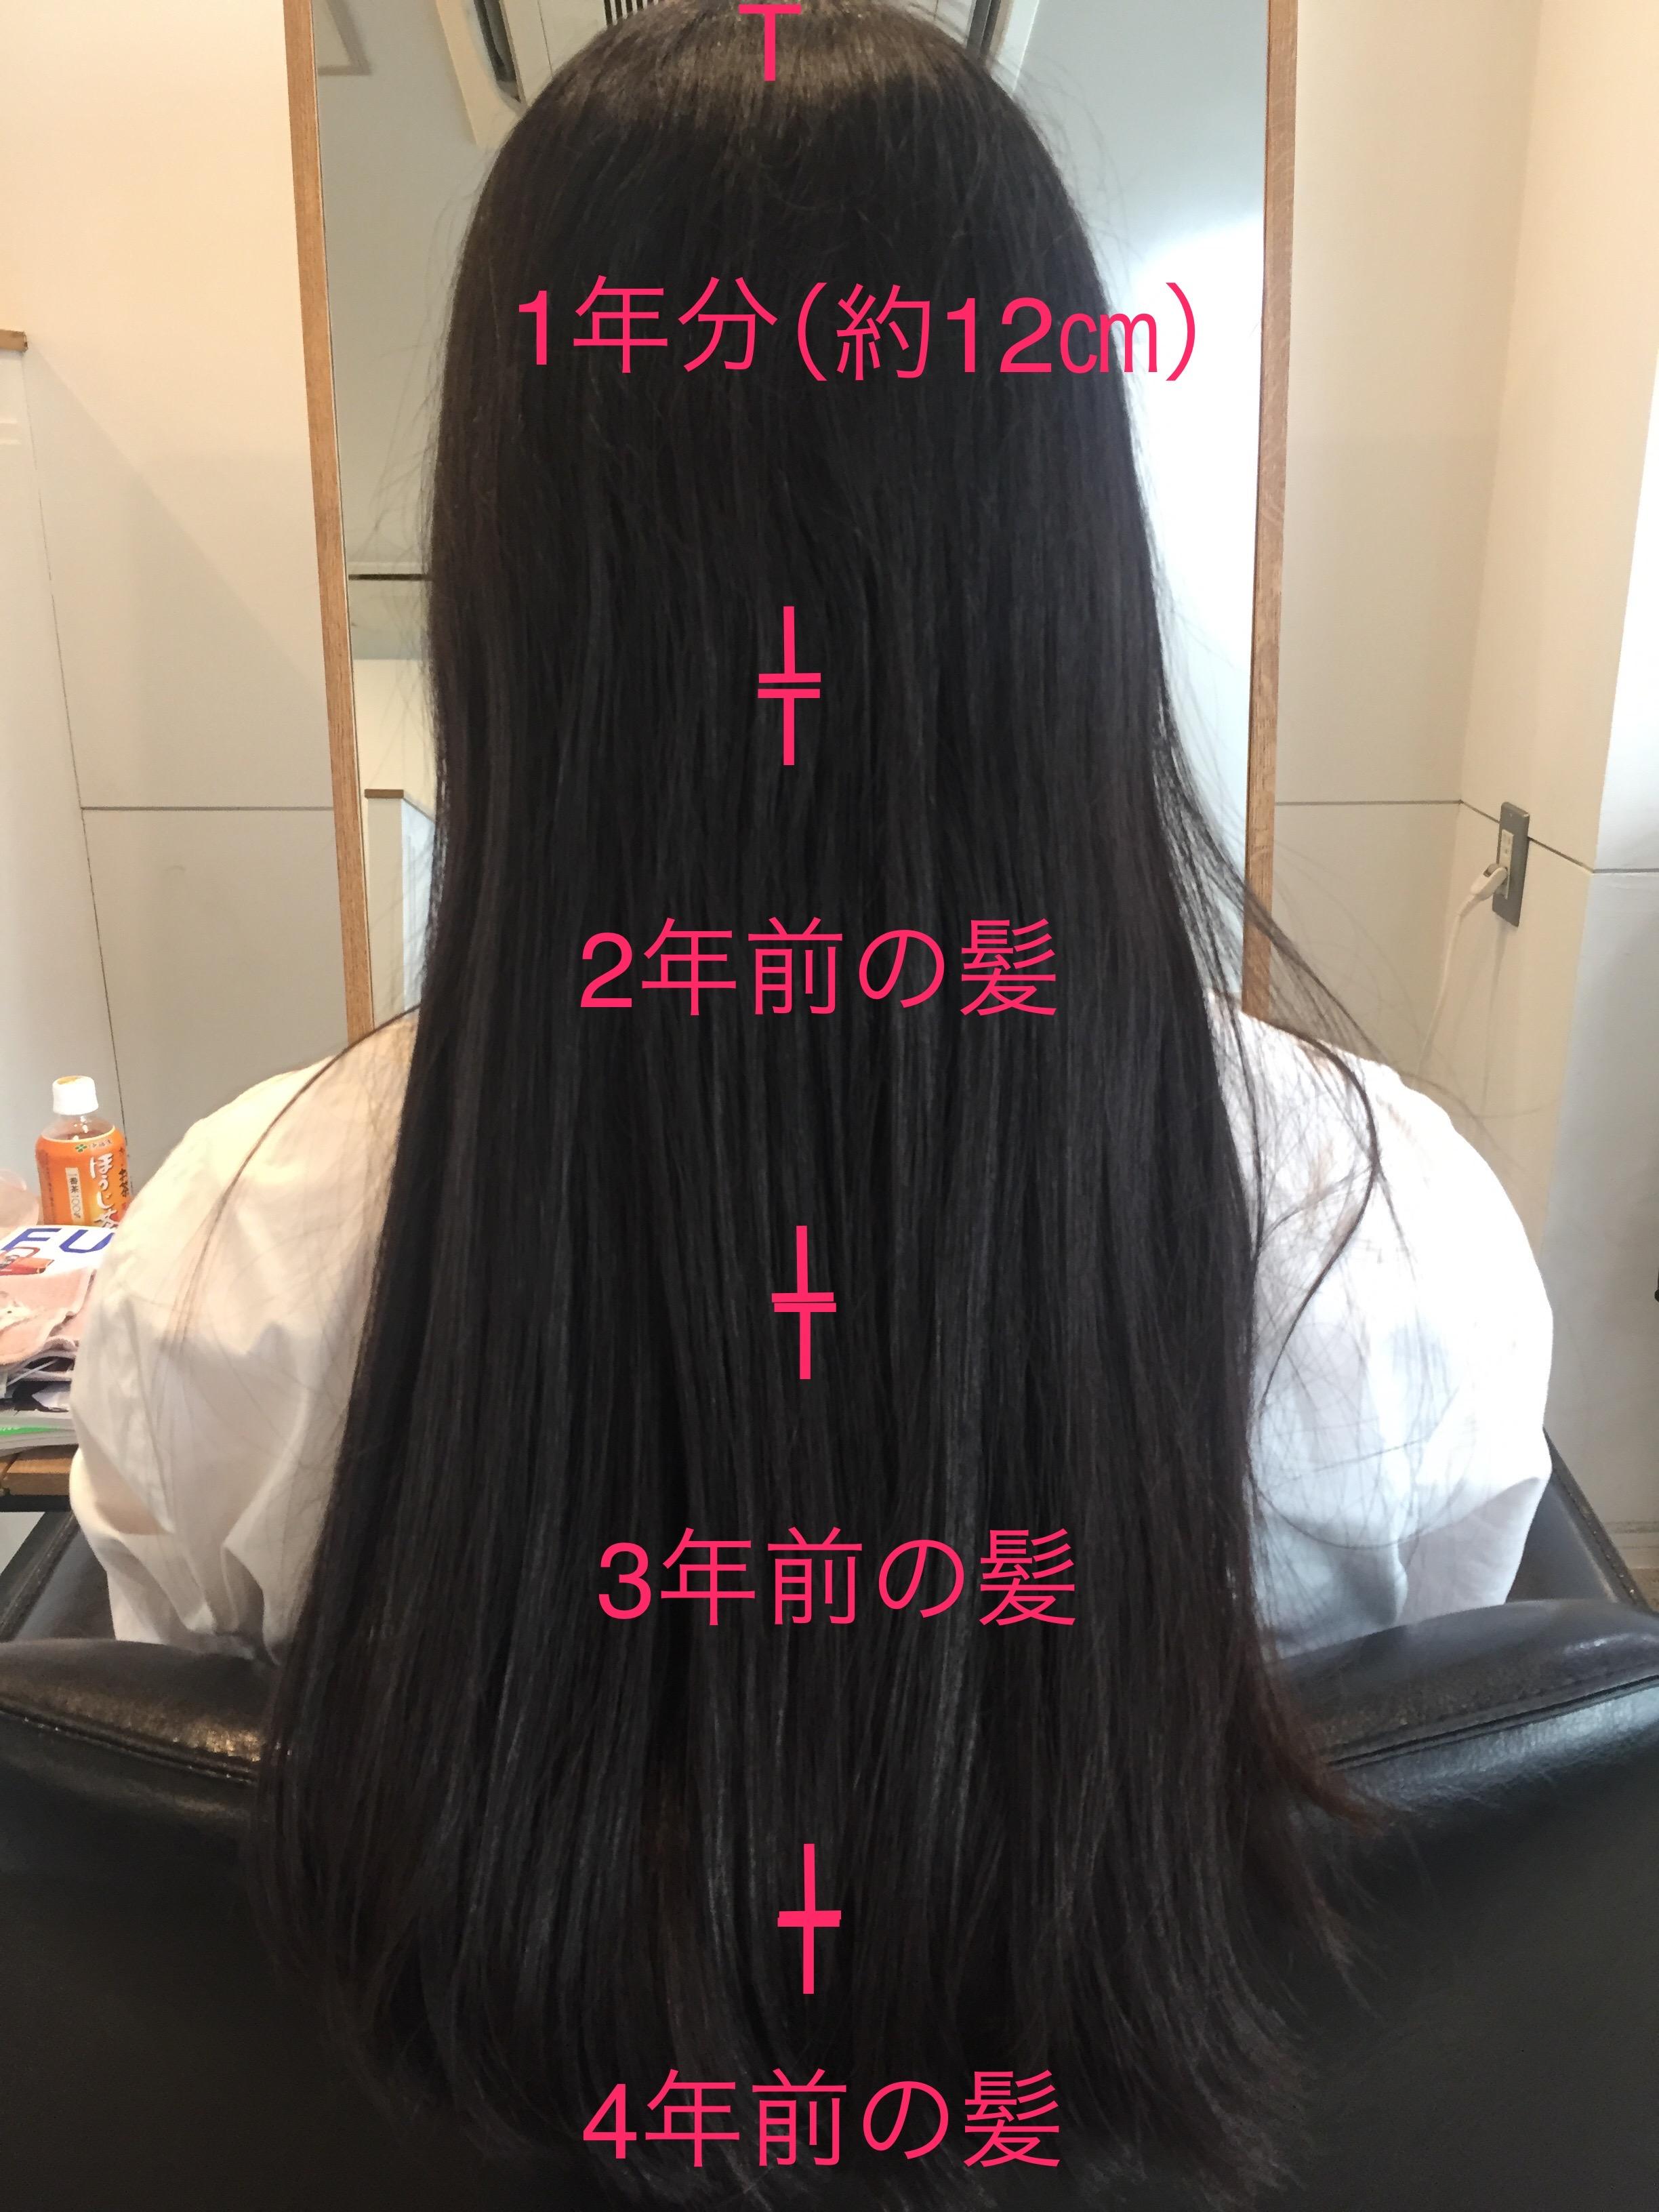 パーマかけられない。ブリーチできない。髪の履歴をプレイバック!〜縮毛矯正編〜